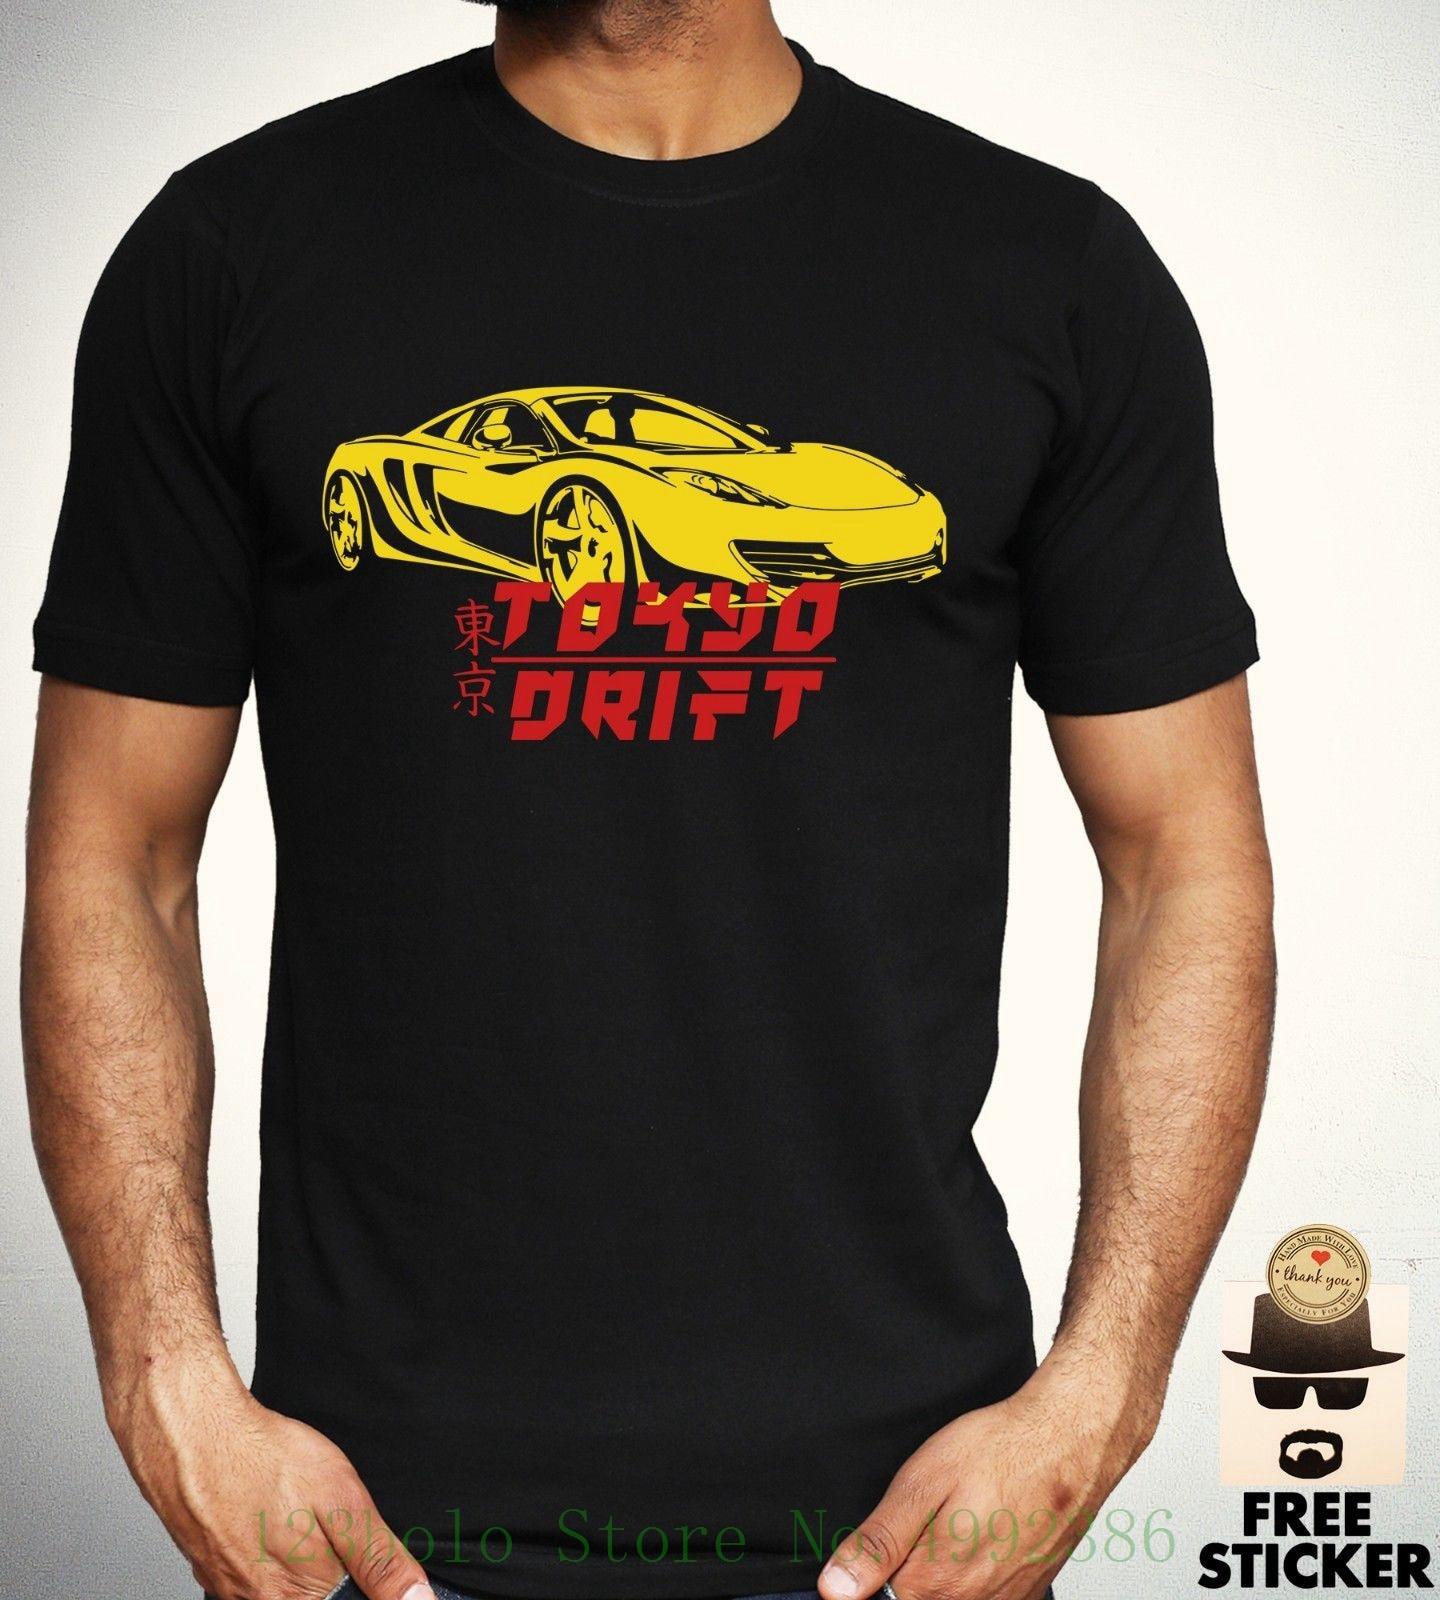 Tokyo Drift T Shirt Japan Jdm Cars Racer Tee Cool Novelty ...